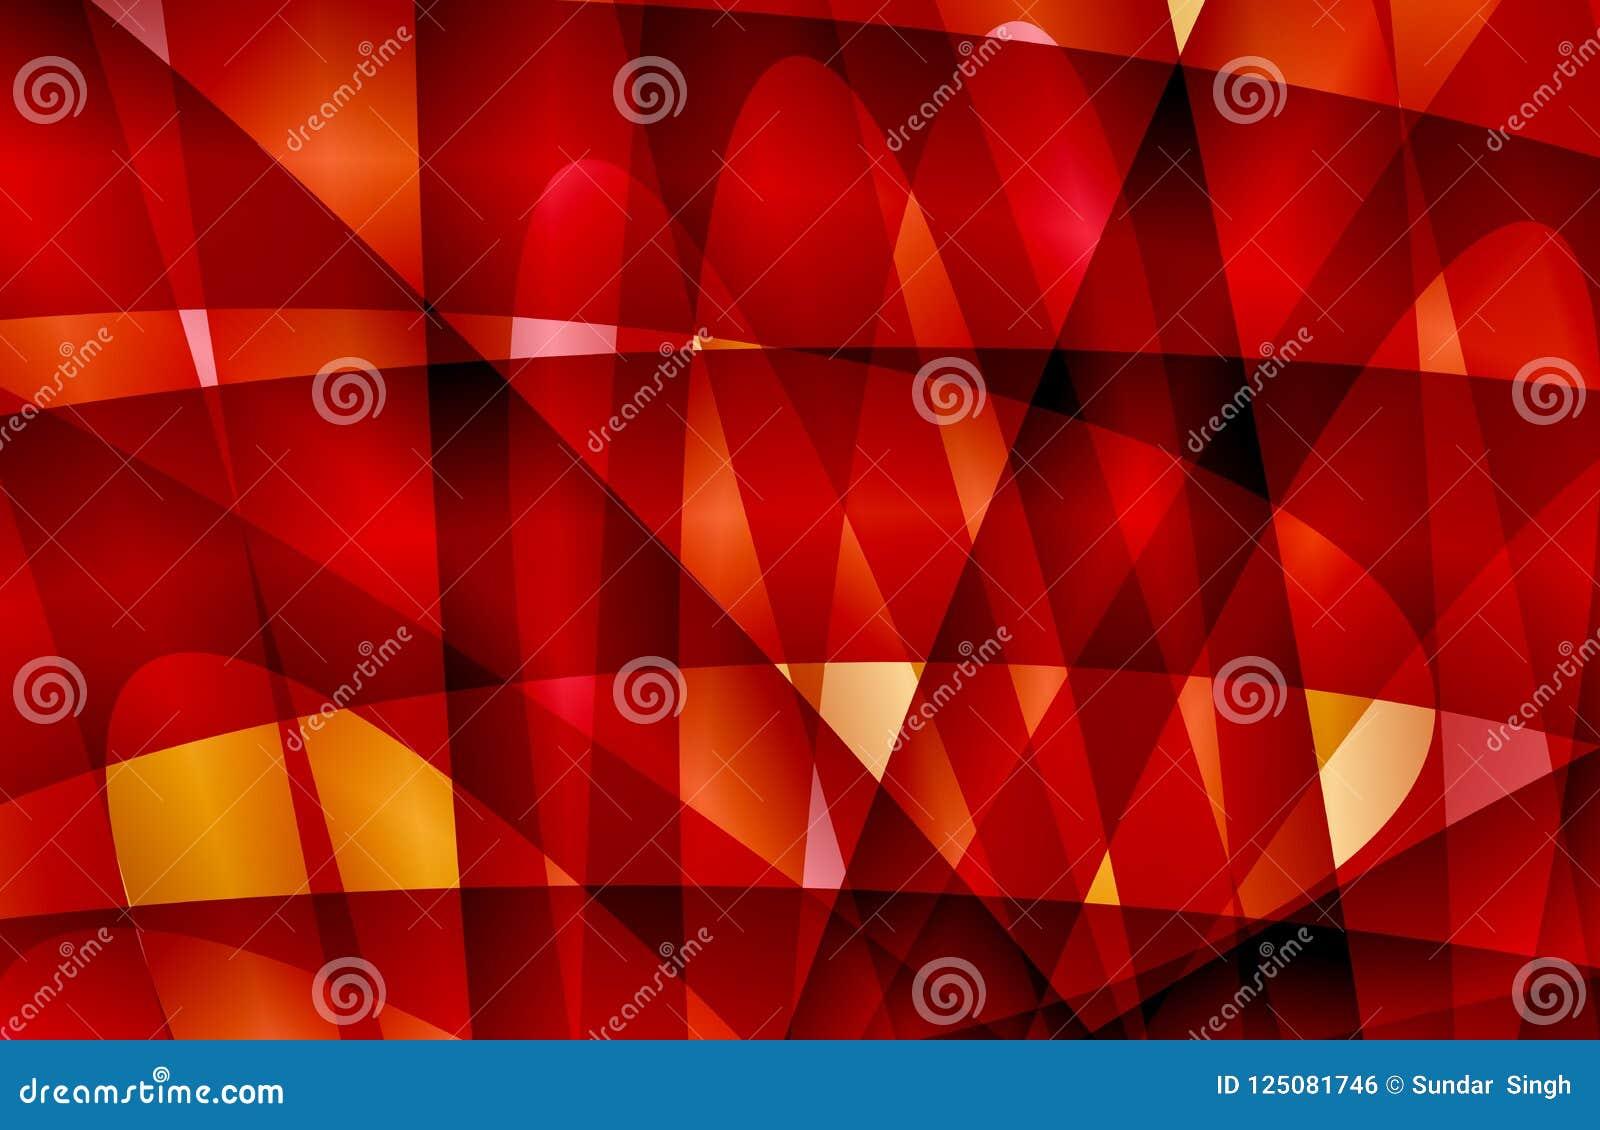 Abstrakt mångfärgad bakgrundstapet som skuggas, illustation